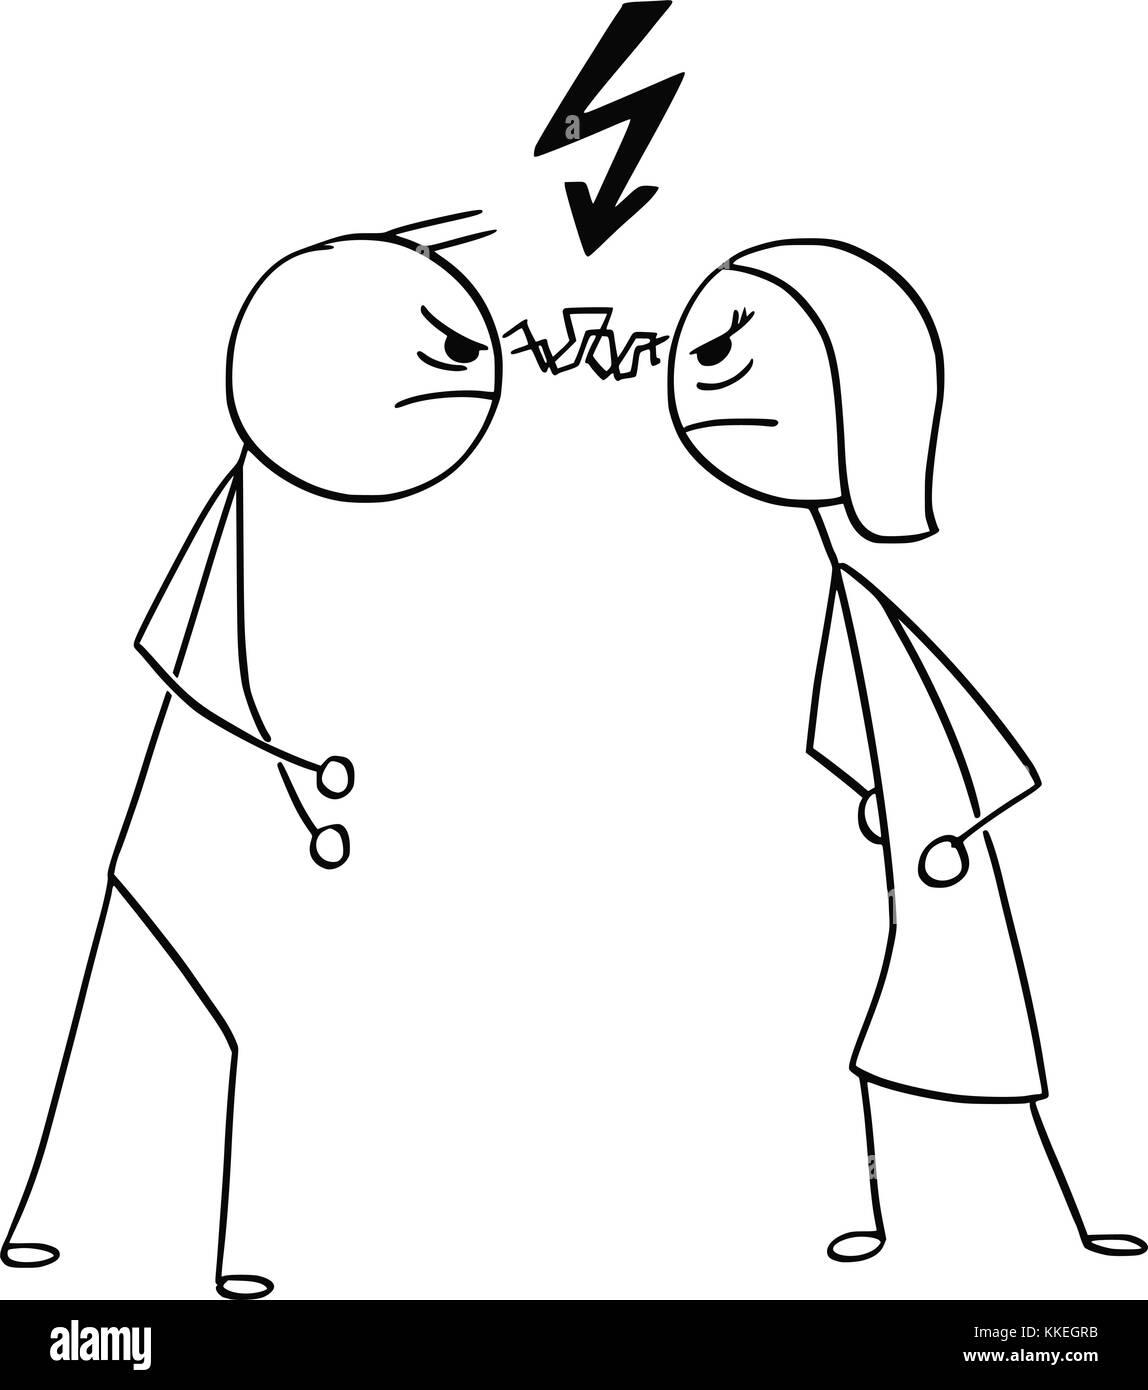 Cartoon Stick Uomo Disegno Illustrativo Di Un Uomo E Di Una Donna A